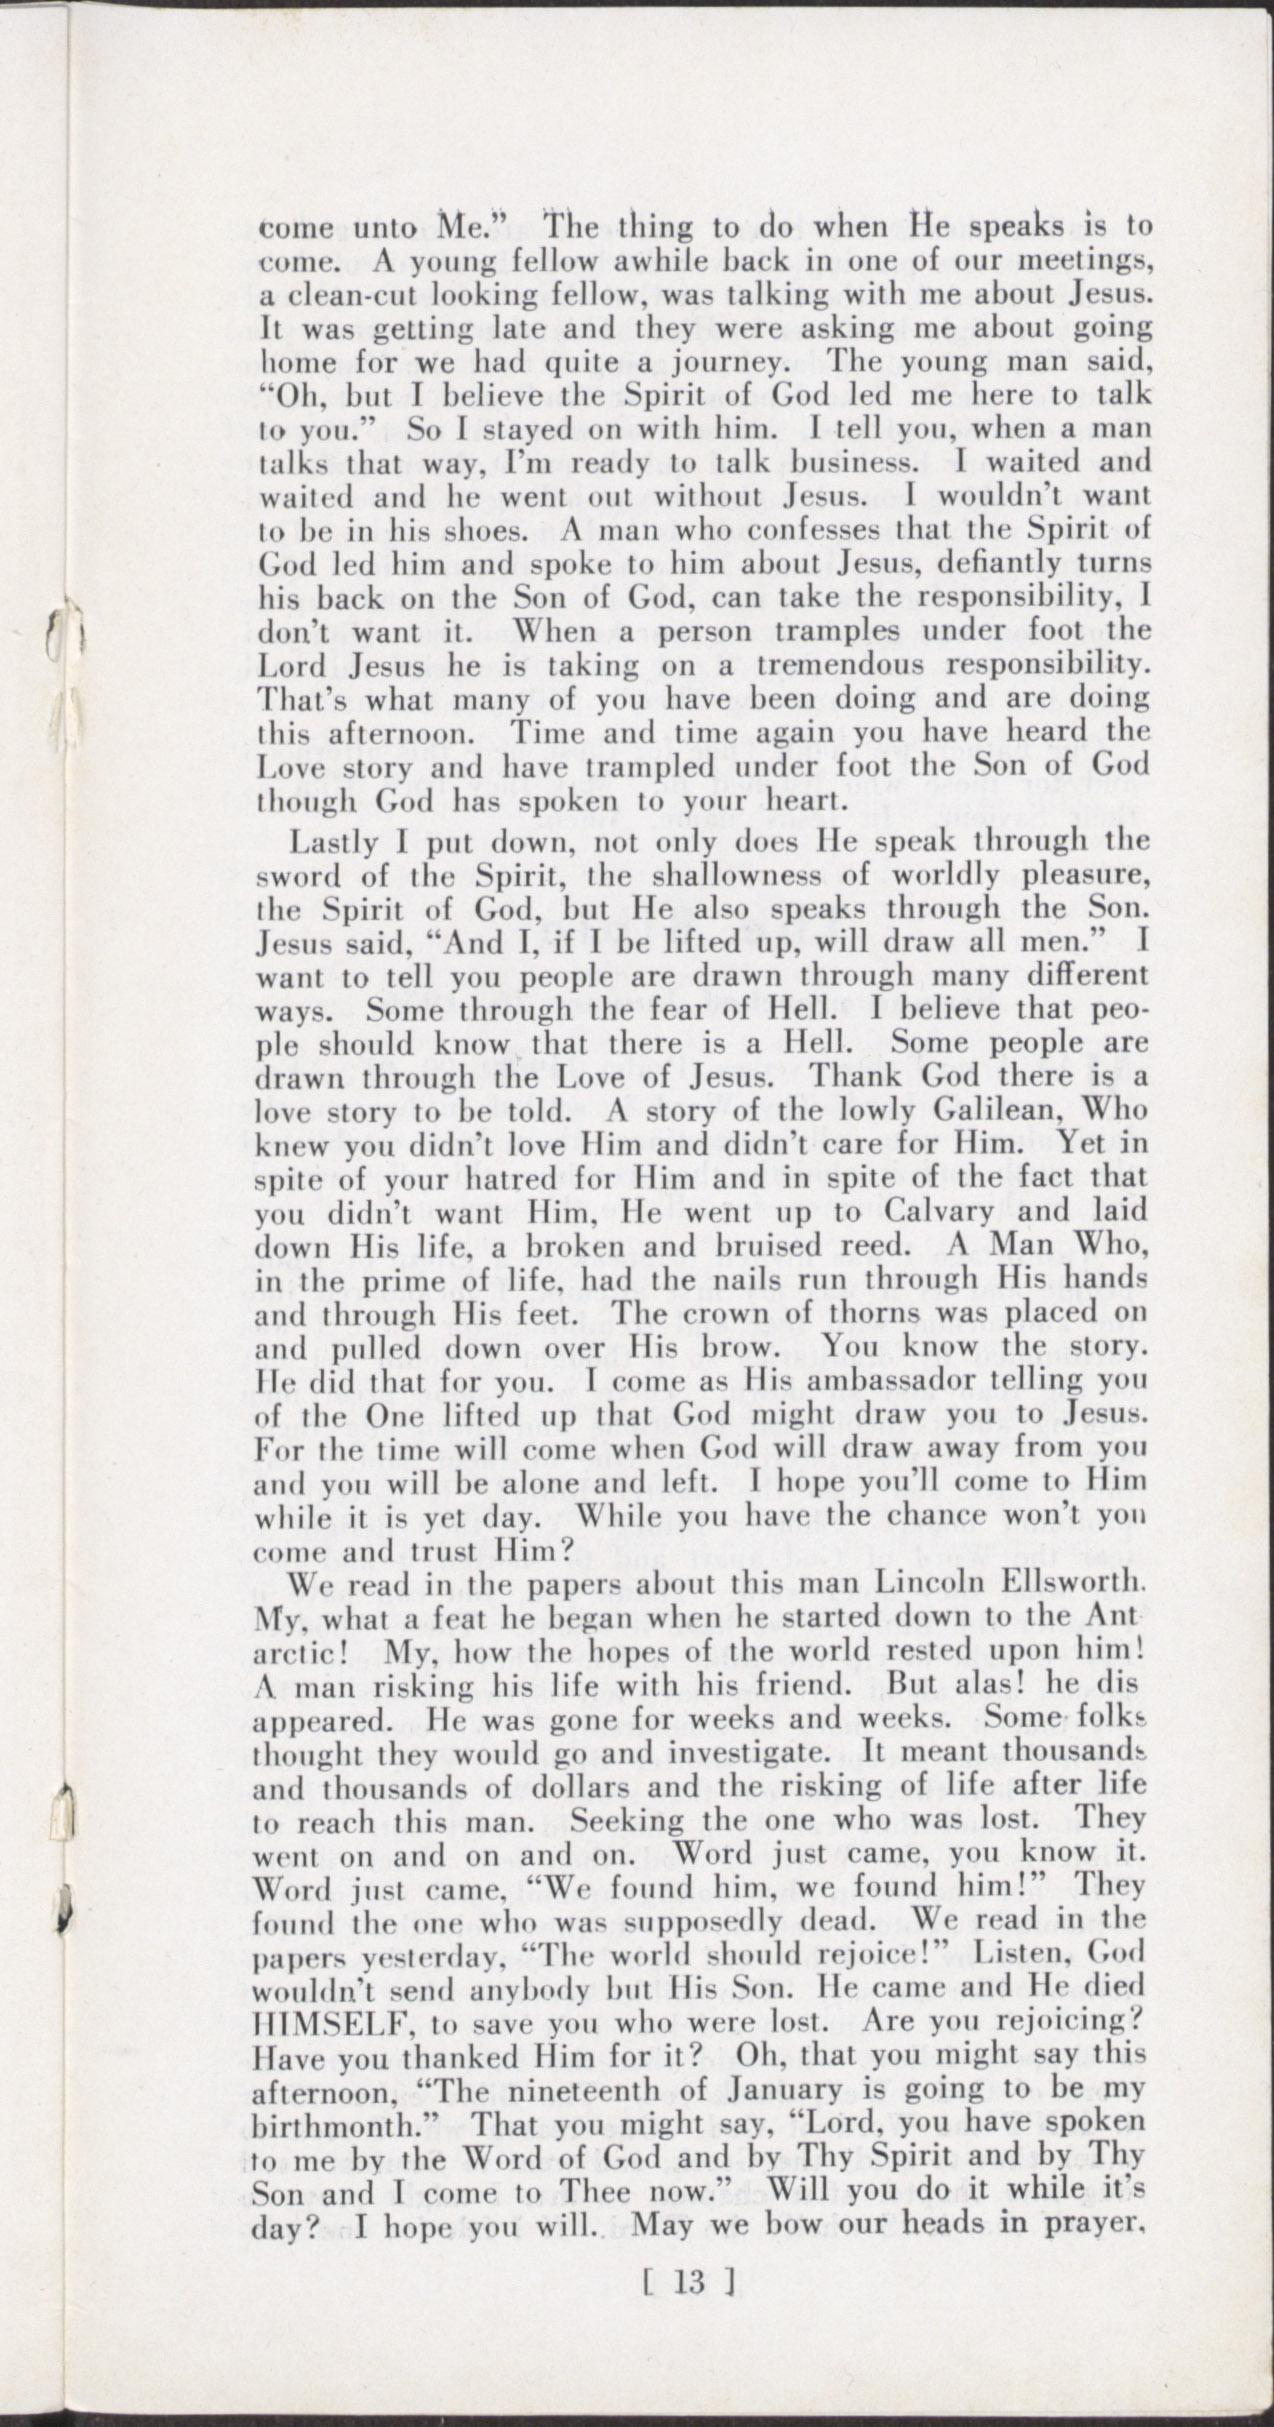 sermons193601-(13)